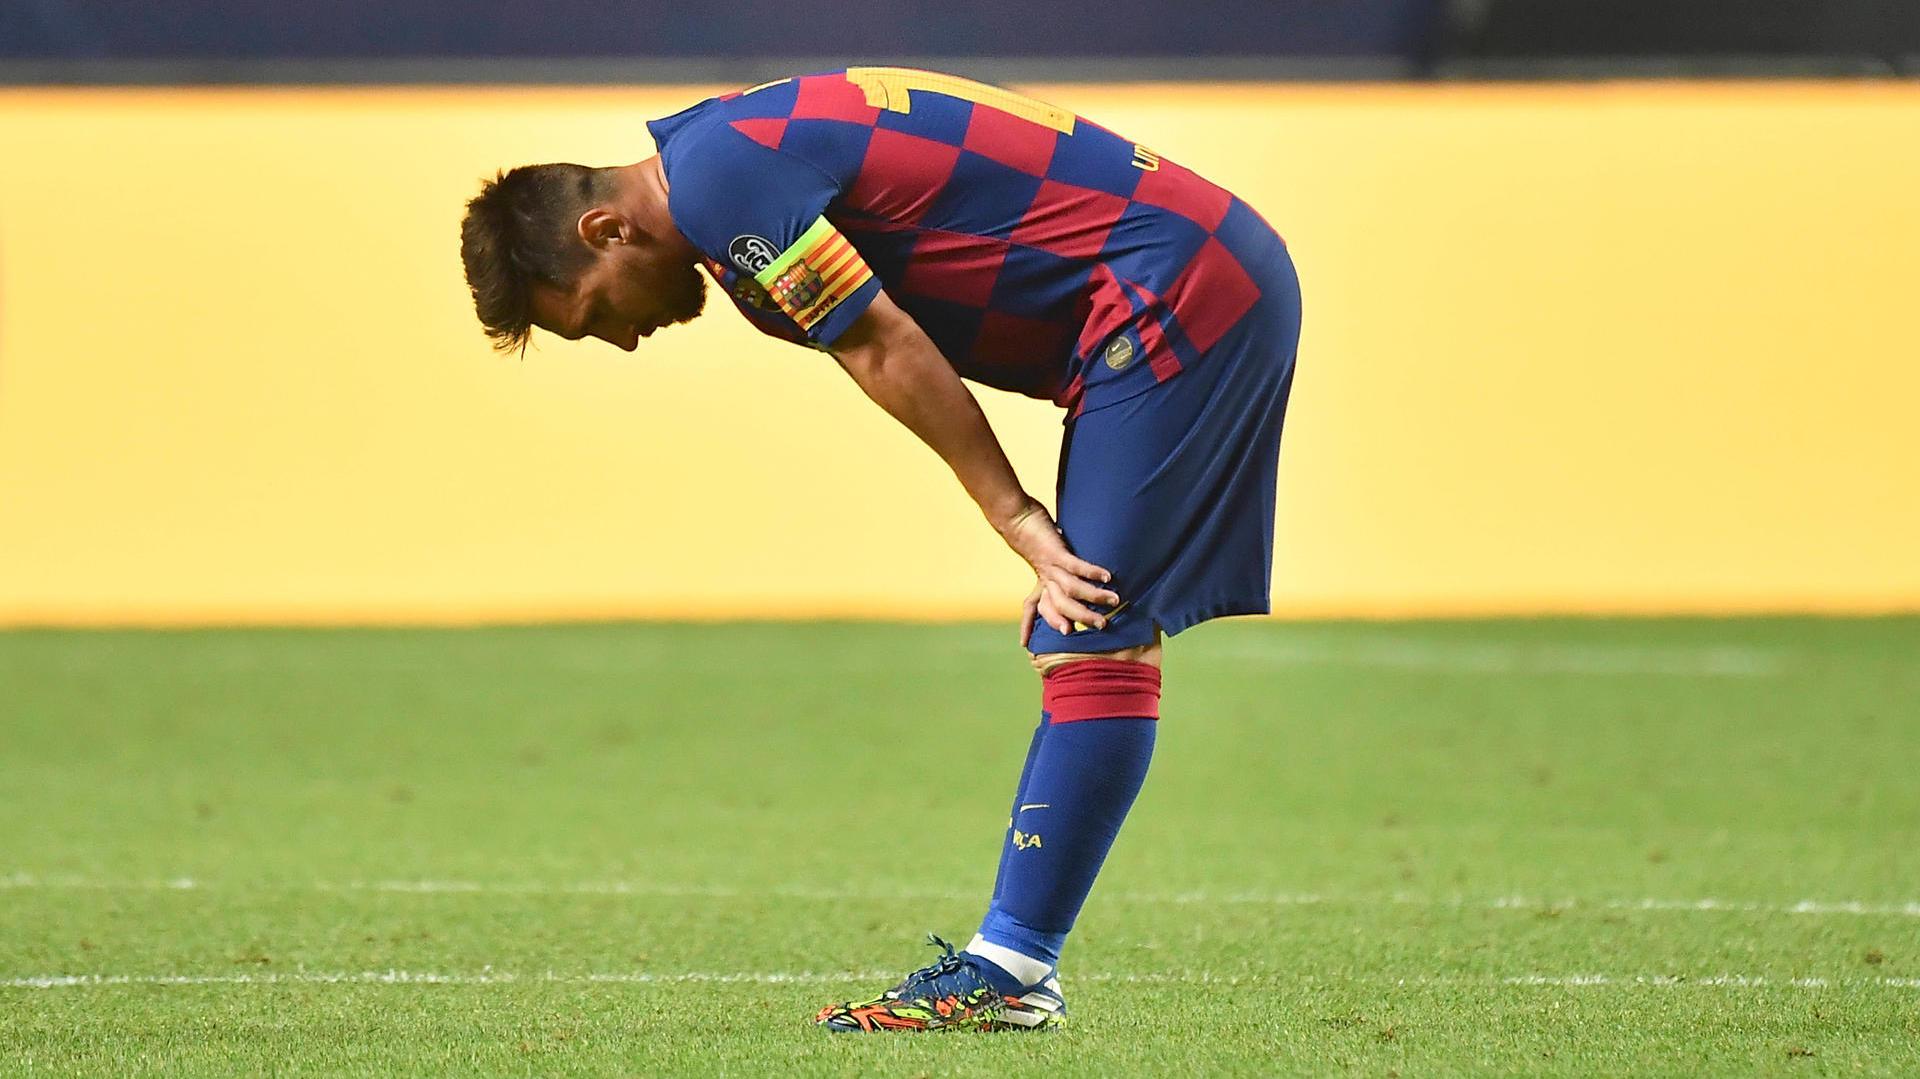 Nach einem Gespräch mit Koeman hätte Messi ernsthafte Zweifel